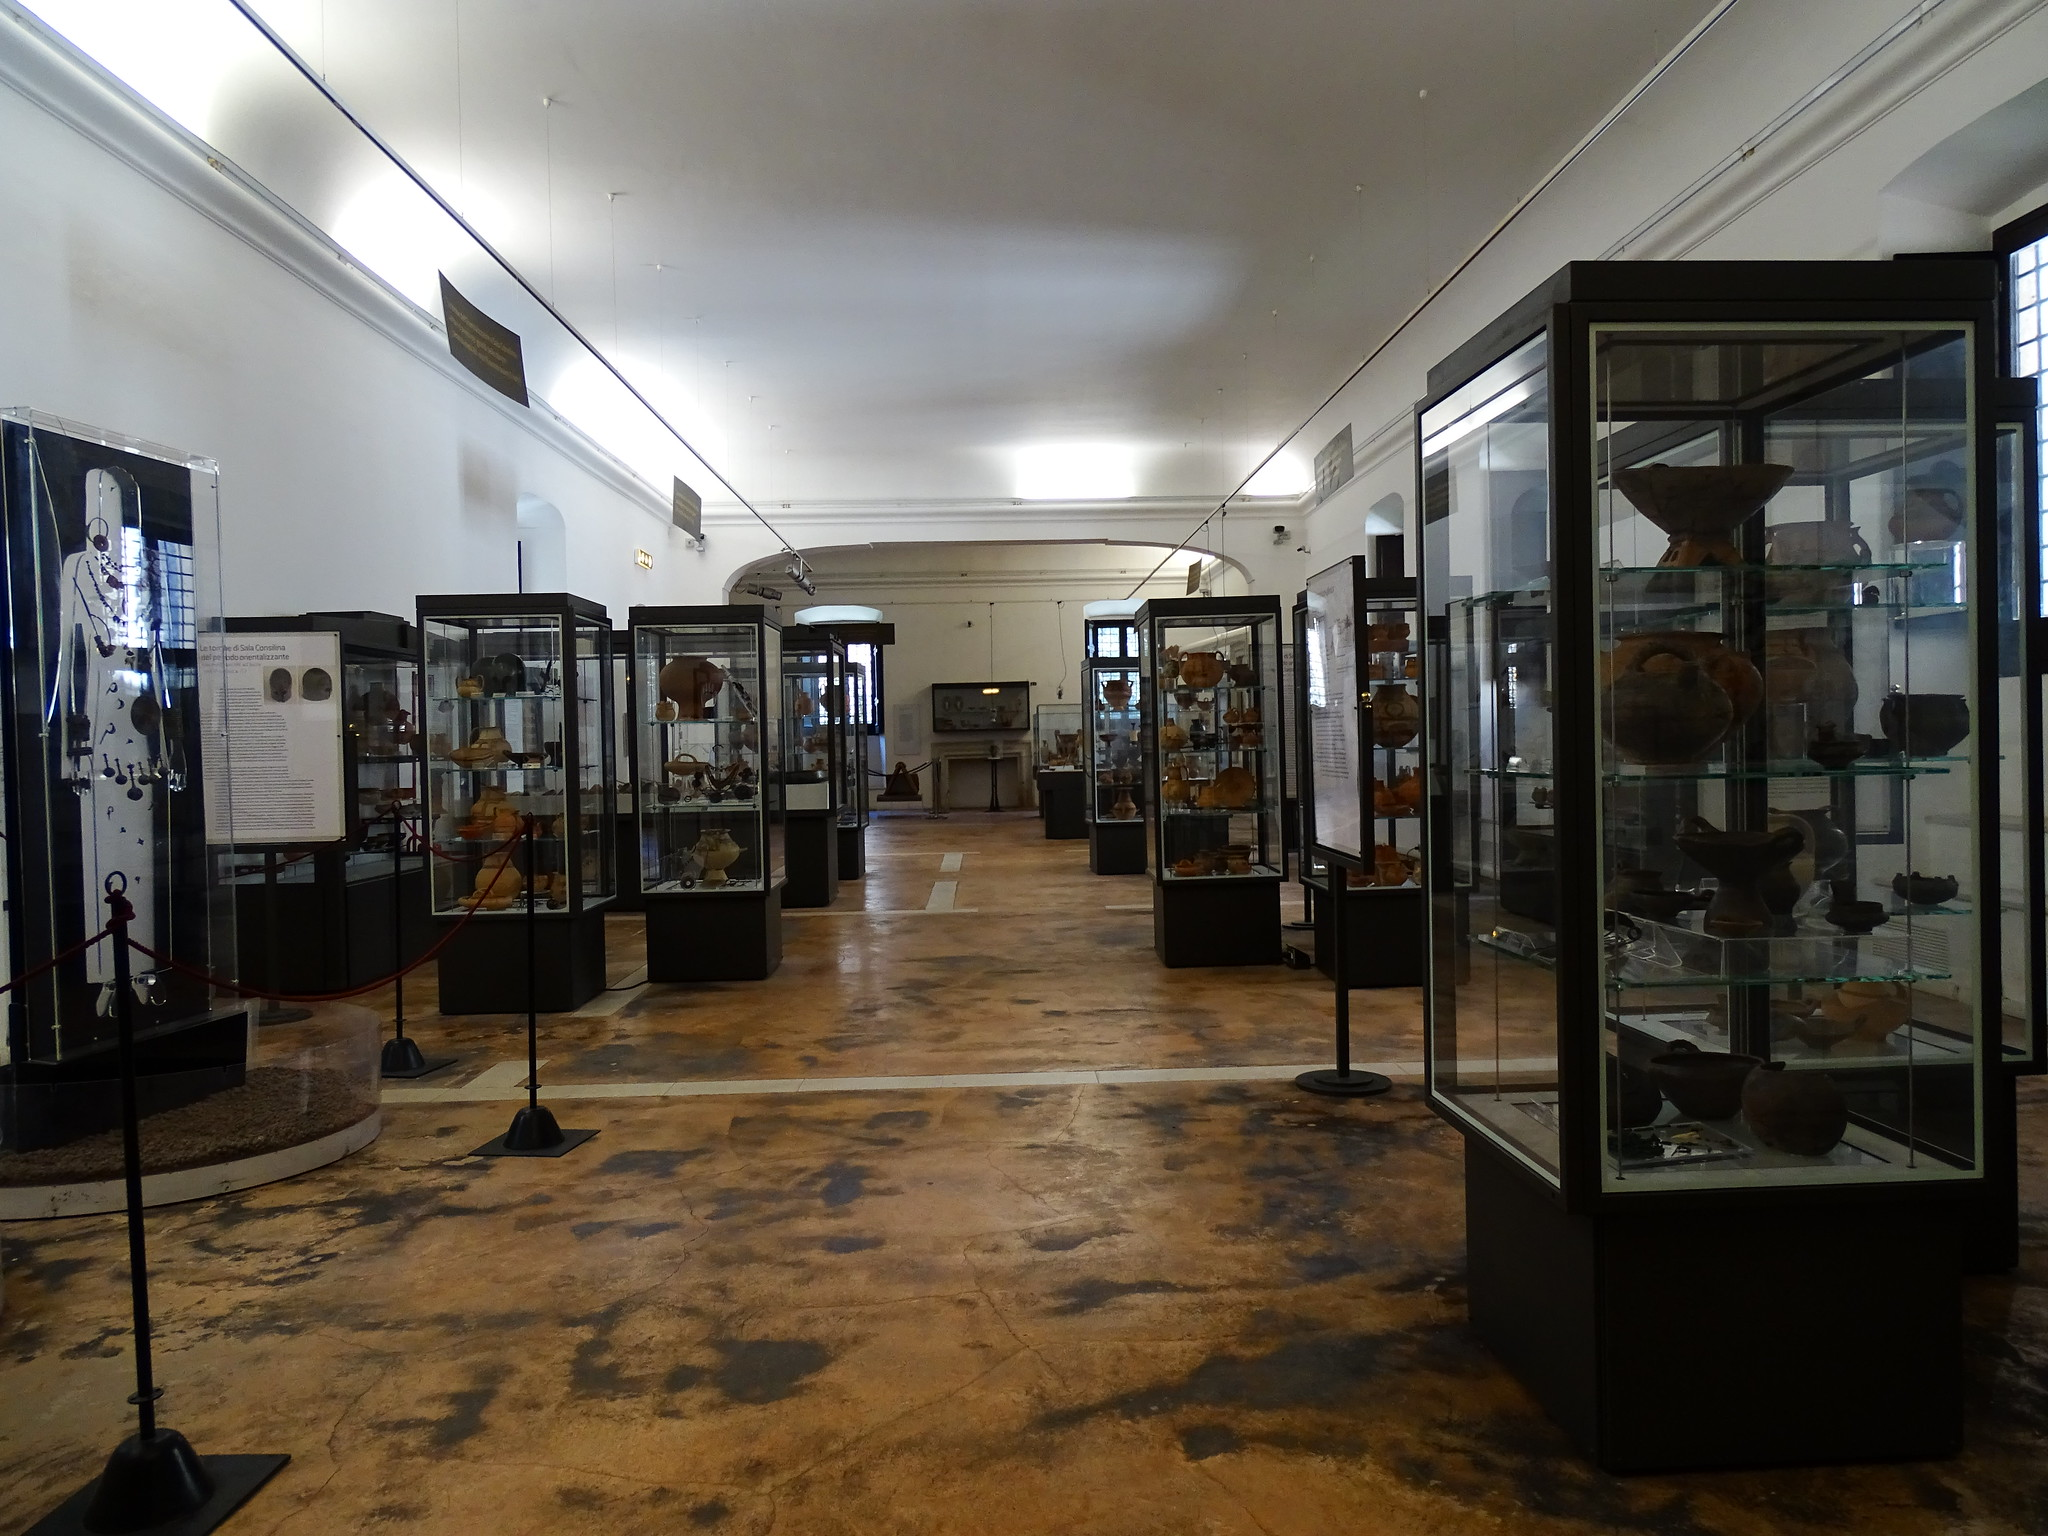 Museo archeologico provinciale della Lucania occidentale